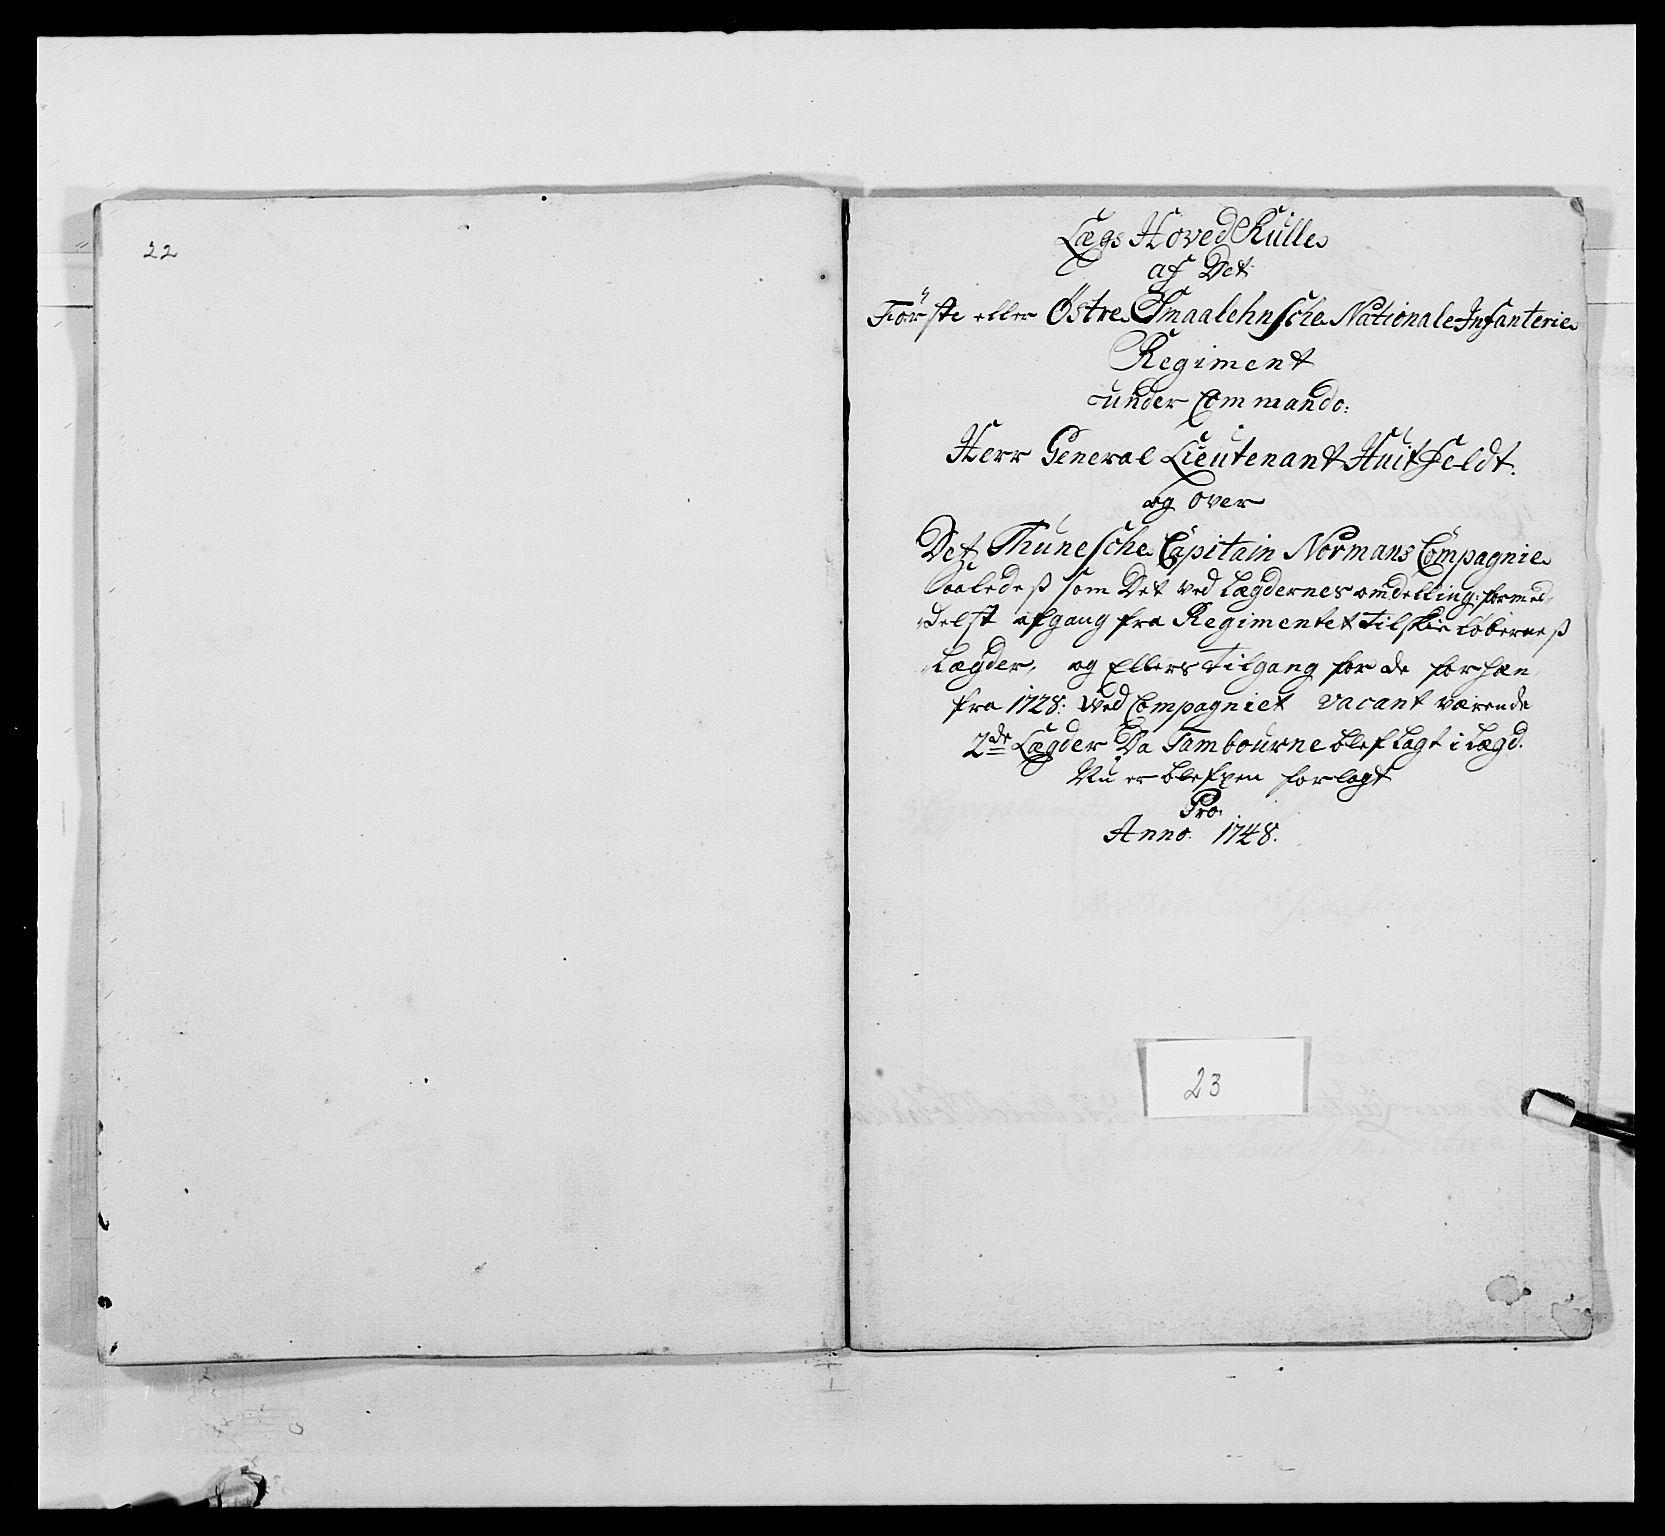 RA, Kommanderende general (KG I) med Det norske krigsdirektorium, E/Ea/L0495: 1. Smålenske regiment, 1732-1763, s. 327